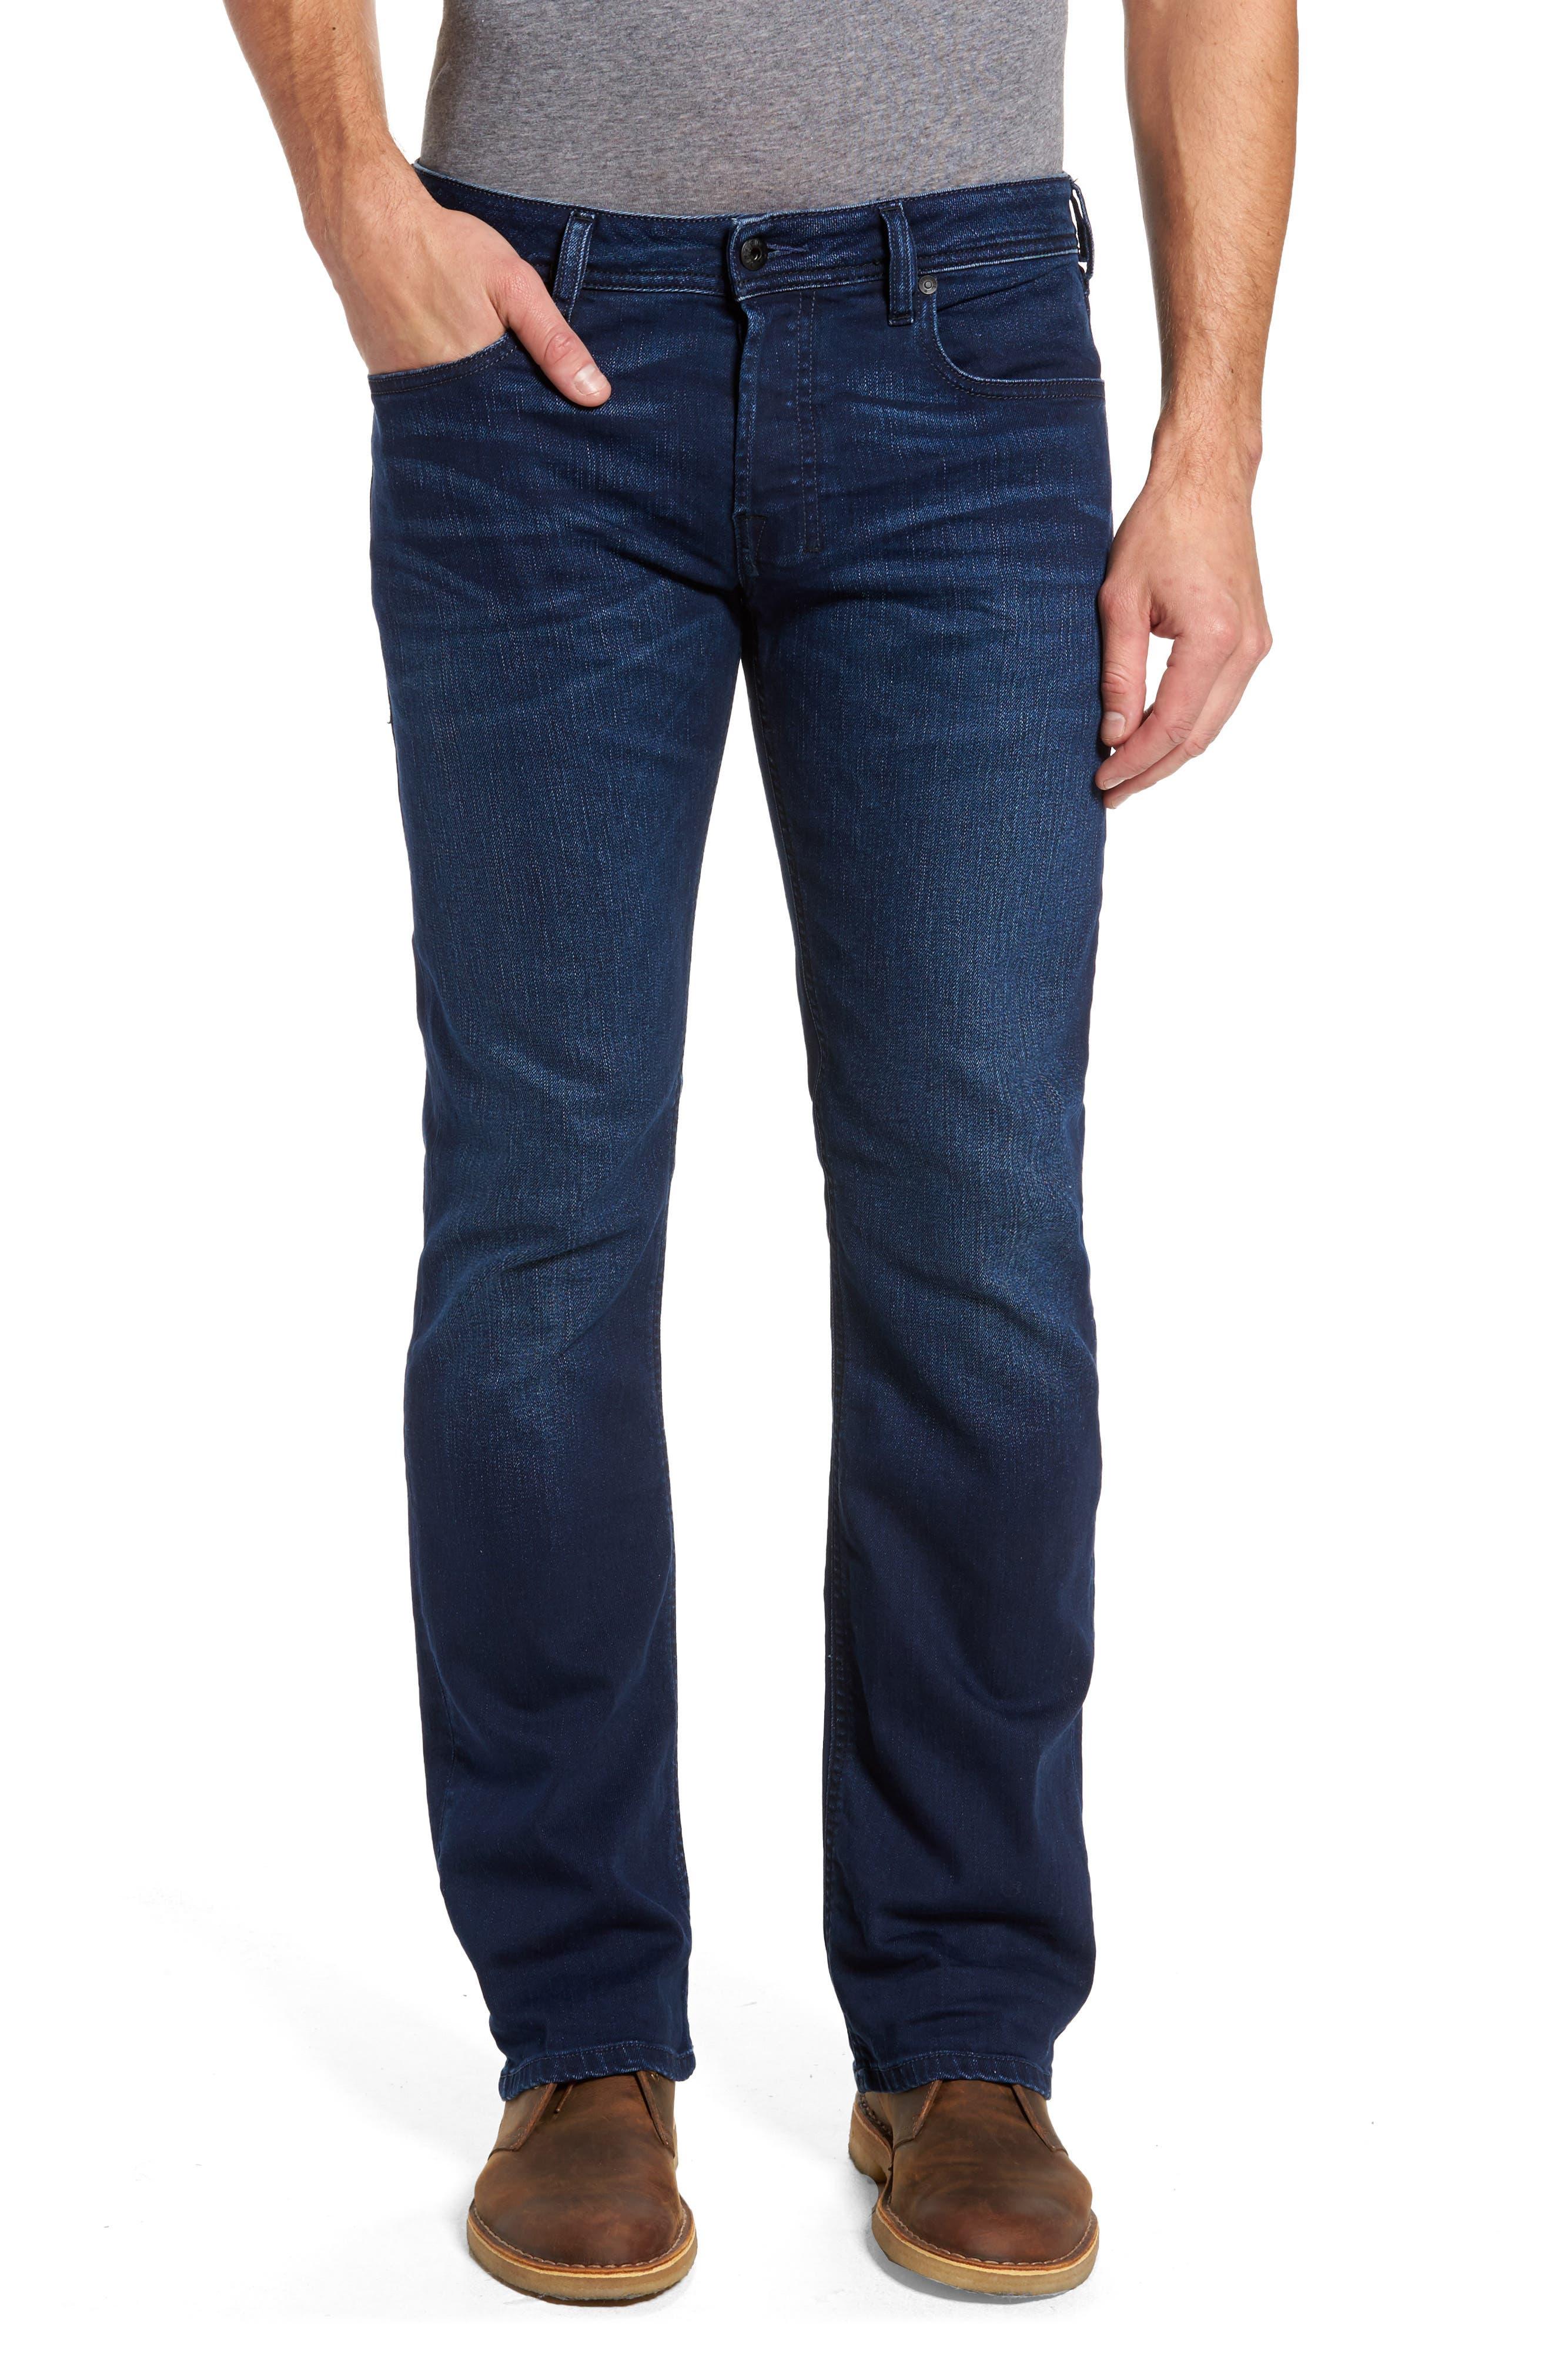 Zatiny Bootcut Jeans,                         Main,                         color, 84Hj